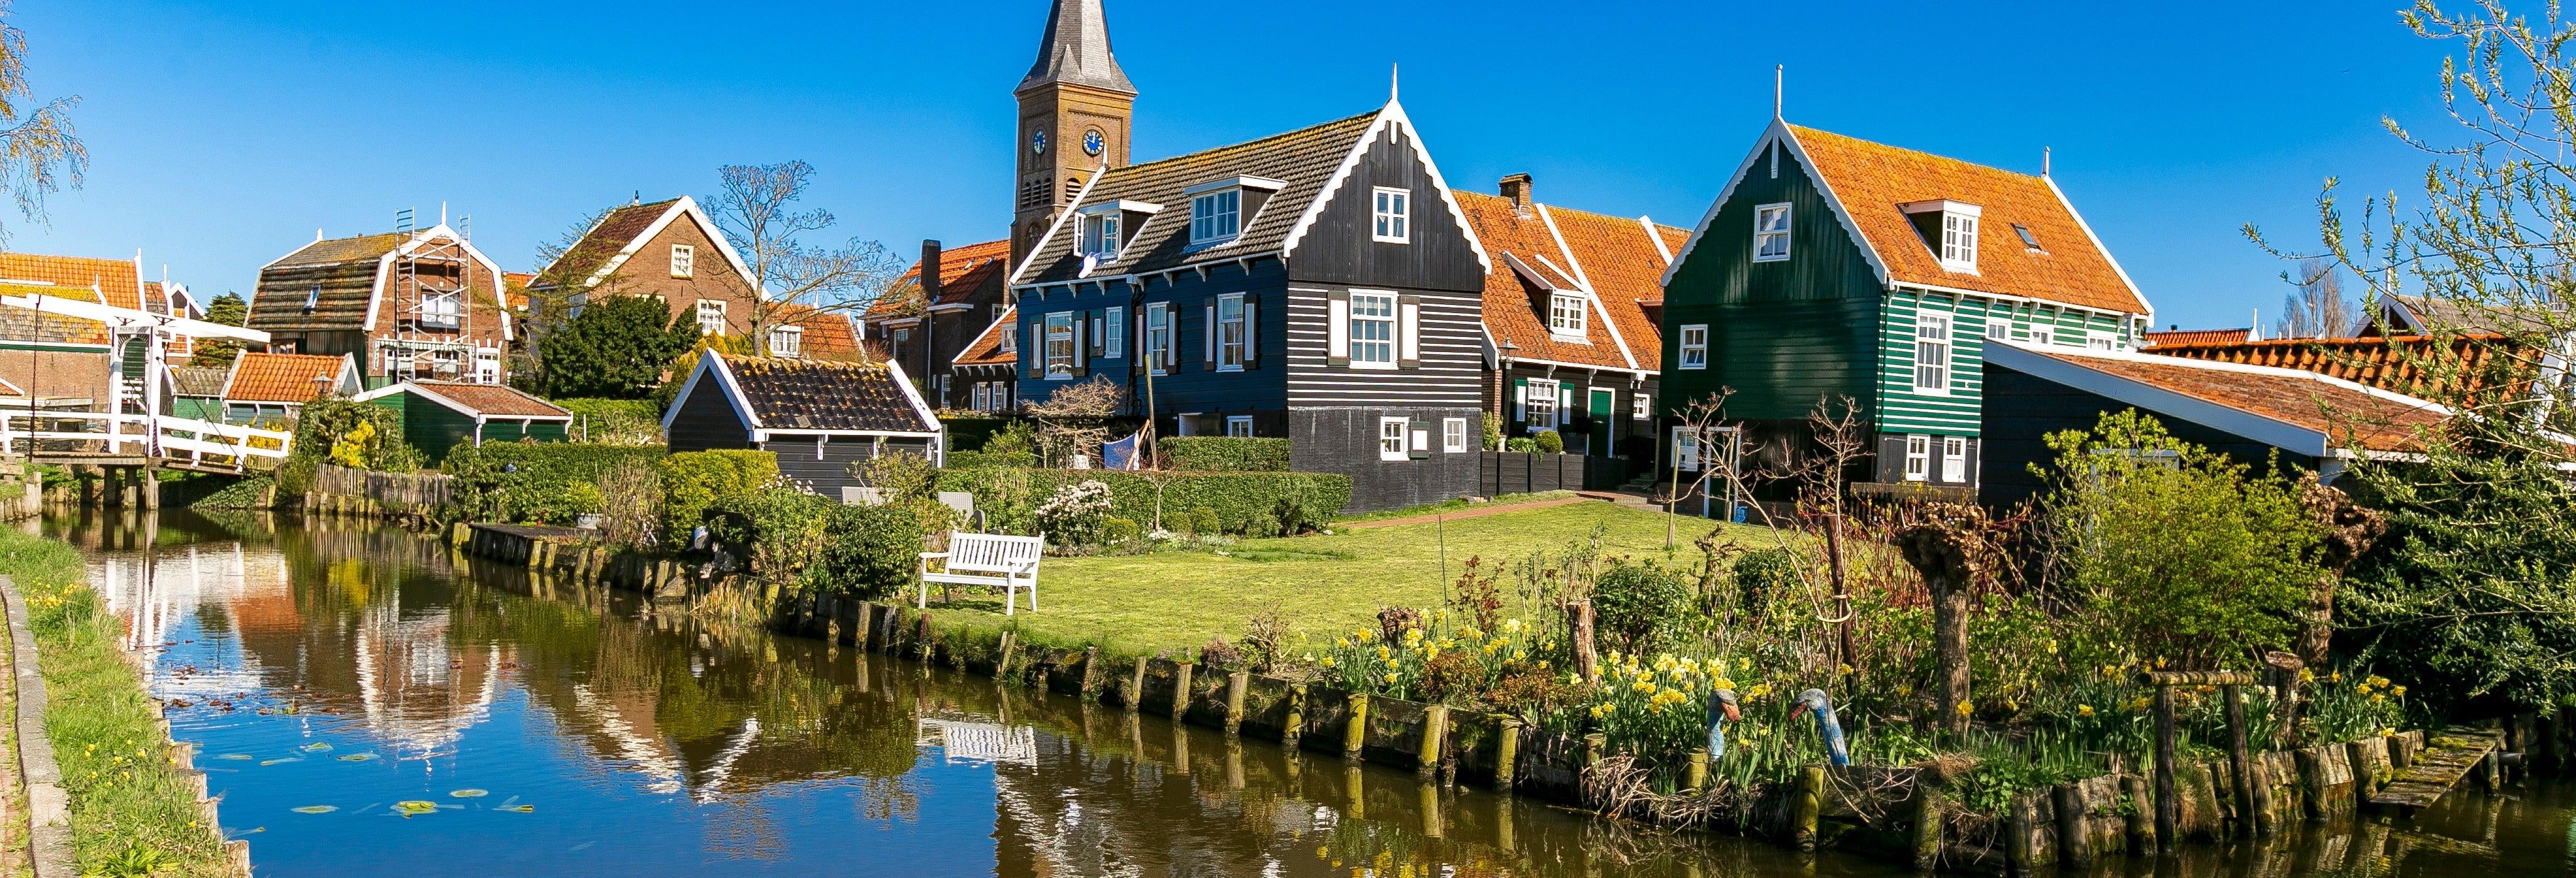 Excursión privada a la campiña holandesa